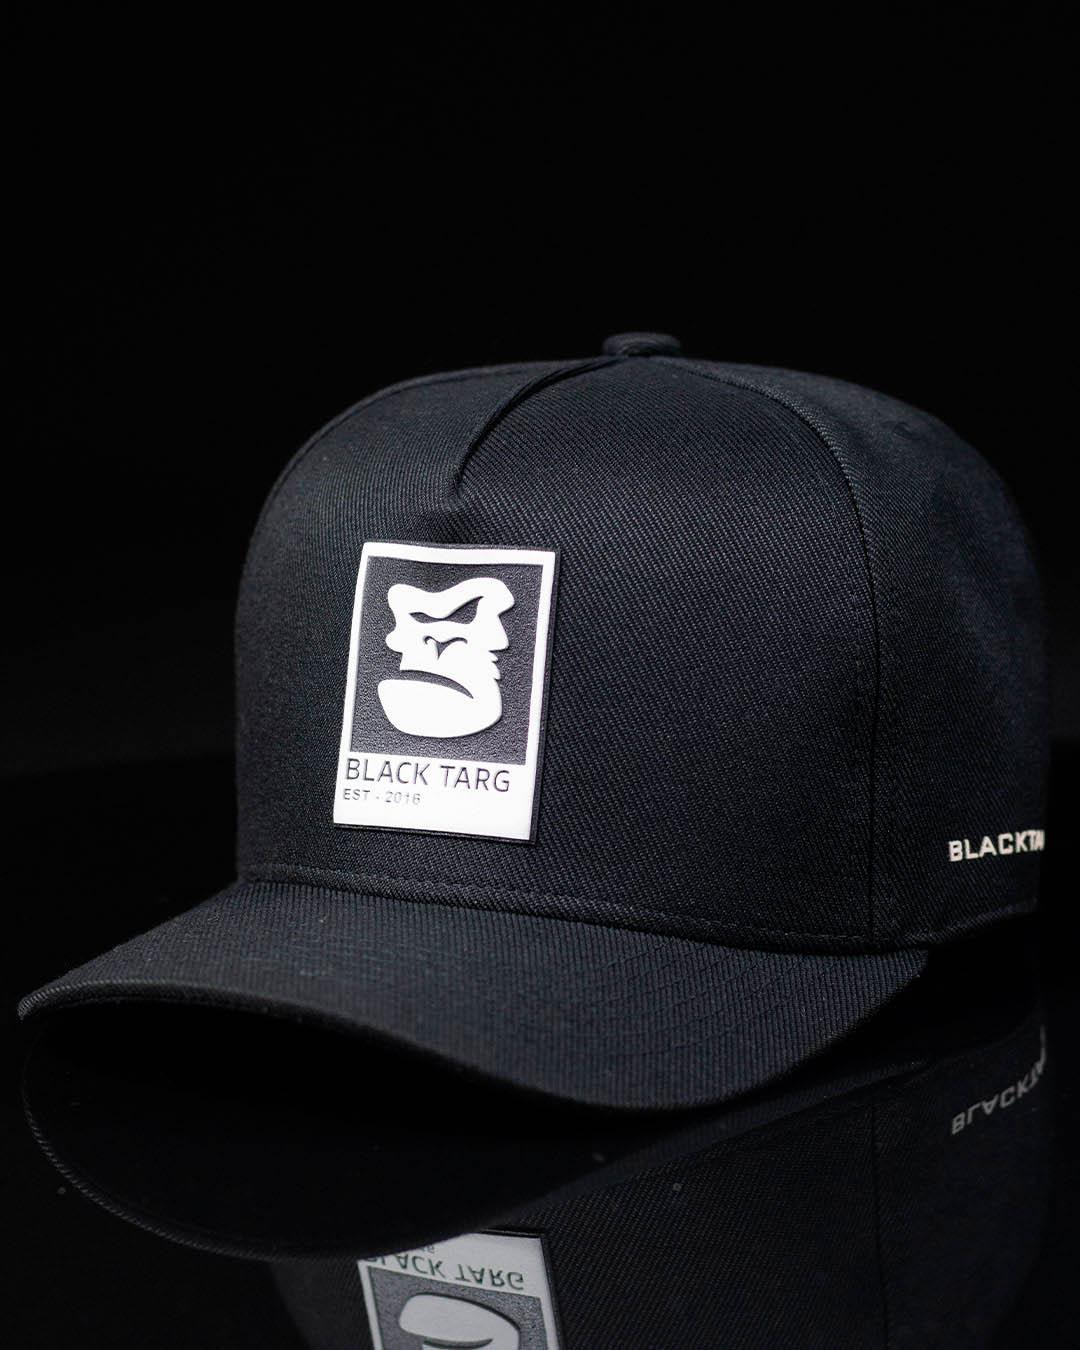 Kit Black - 2 Bonés Premium Black Edition®